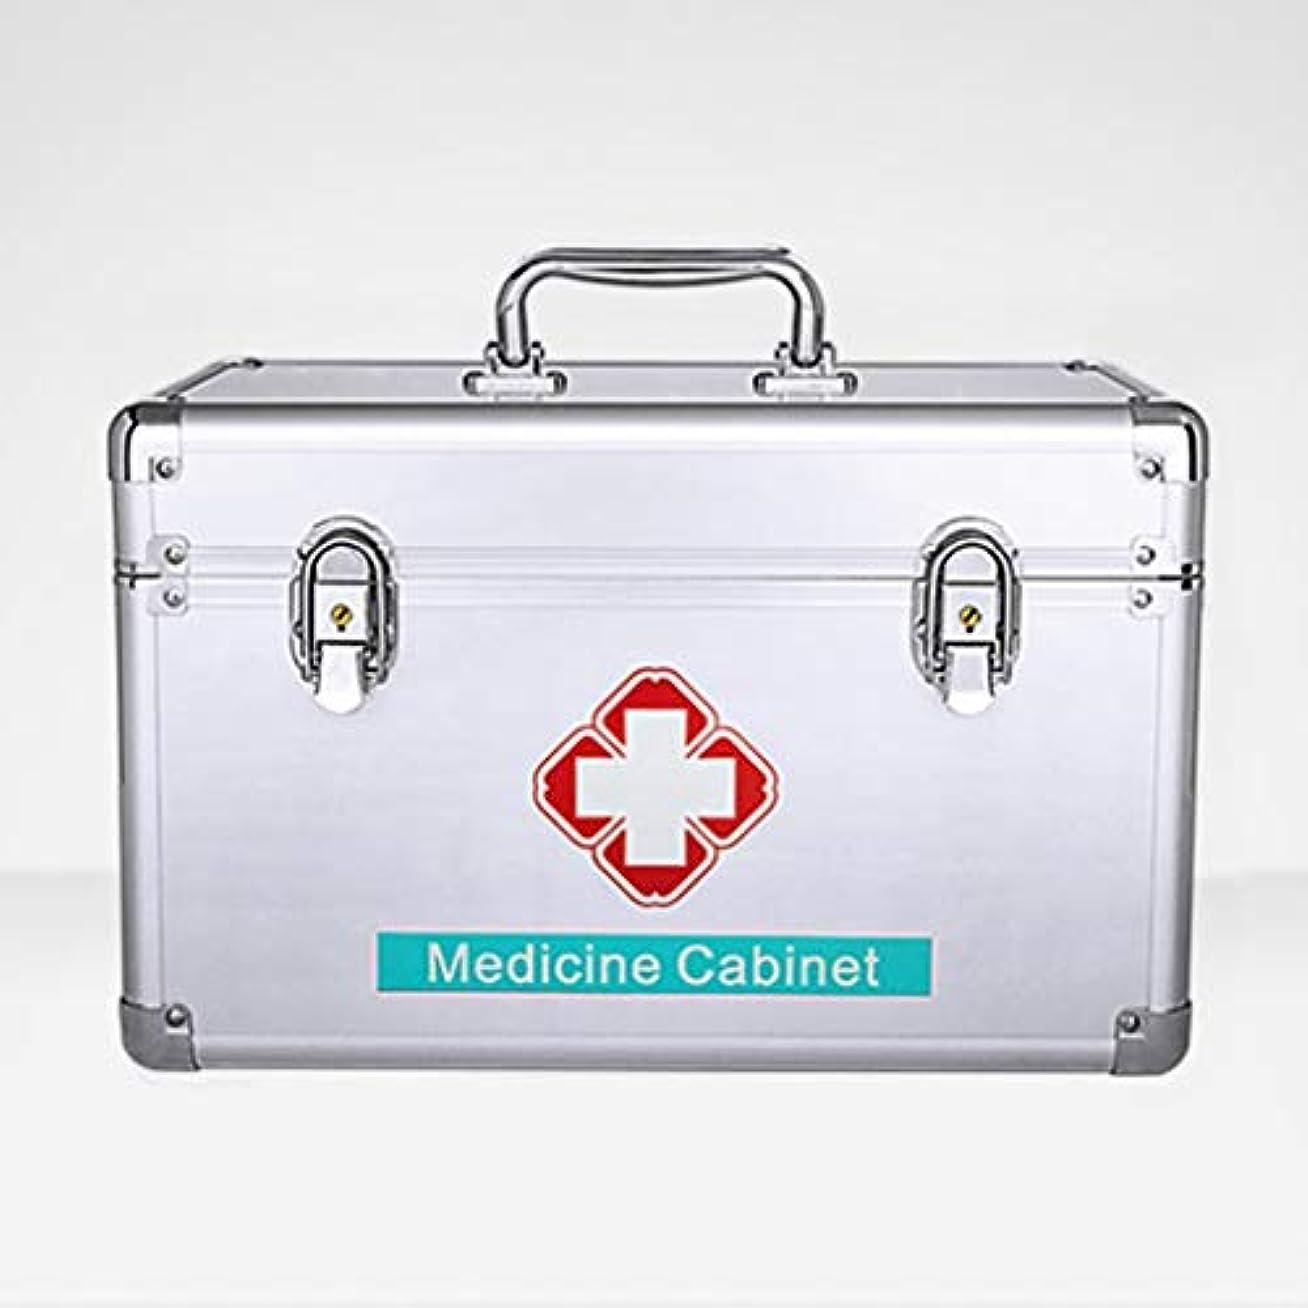 スクリーチフォーマット側薬収納ボックスアルミ合金ポータブル医療ケース多層応急処置キット家庭用/M、L、XL、XXLのフルセット LXMSP (Size : M)